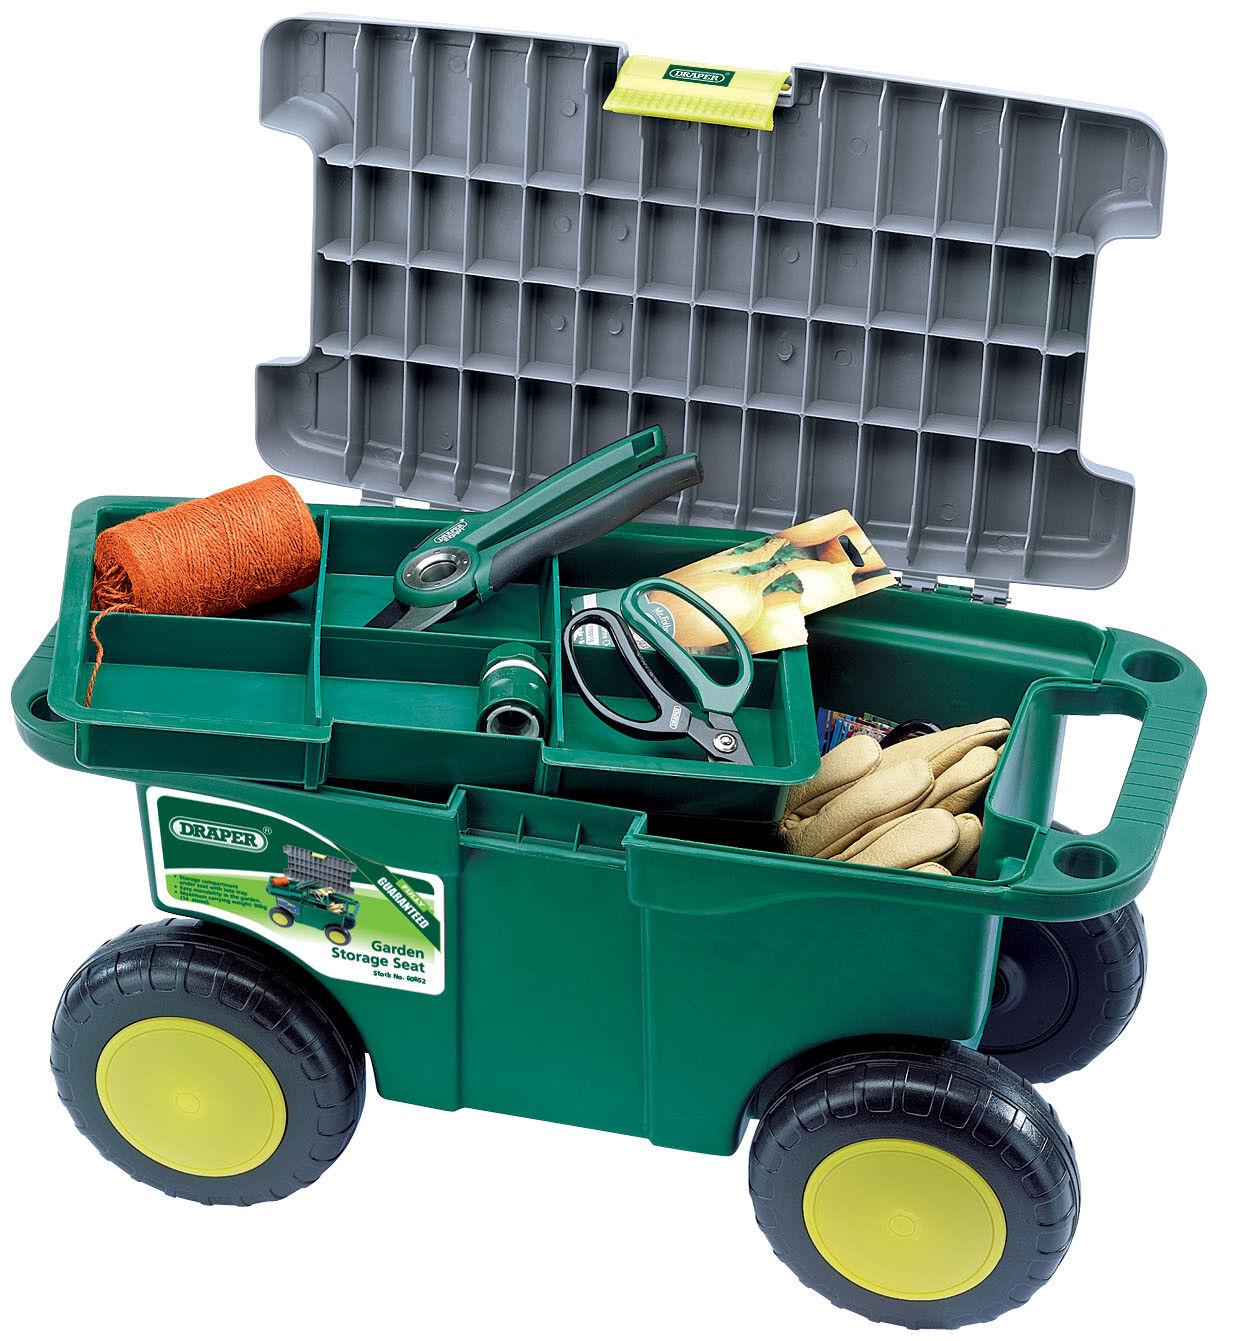 Draper giardiniere ' S Roller Camion Cassetta Degli Attrezzi Giardinaggio carrello e da giardino Storage